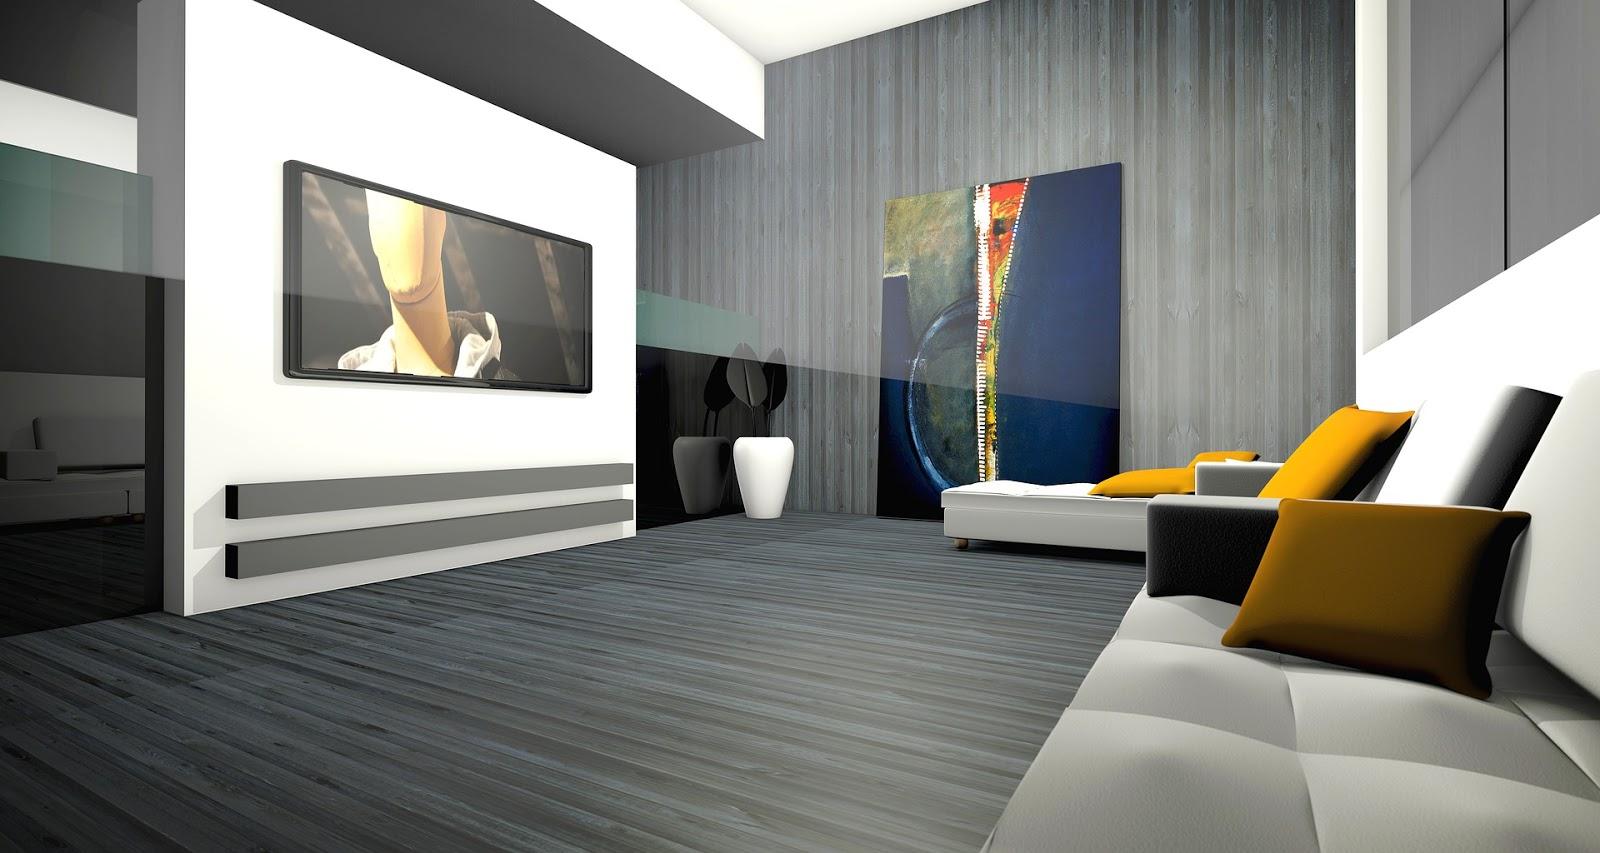 Ristrutturazione Completa Casa Costi costo per ristrutturazione casa/appartamento al mq nel 2018